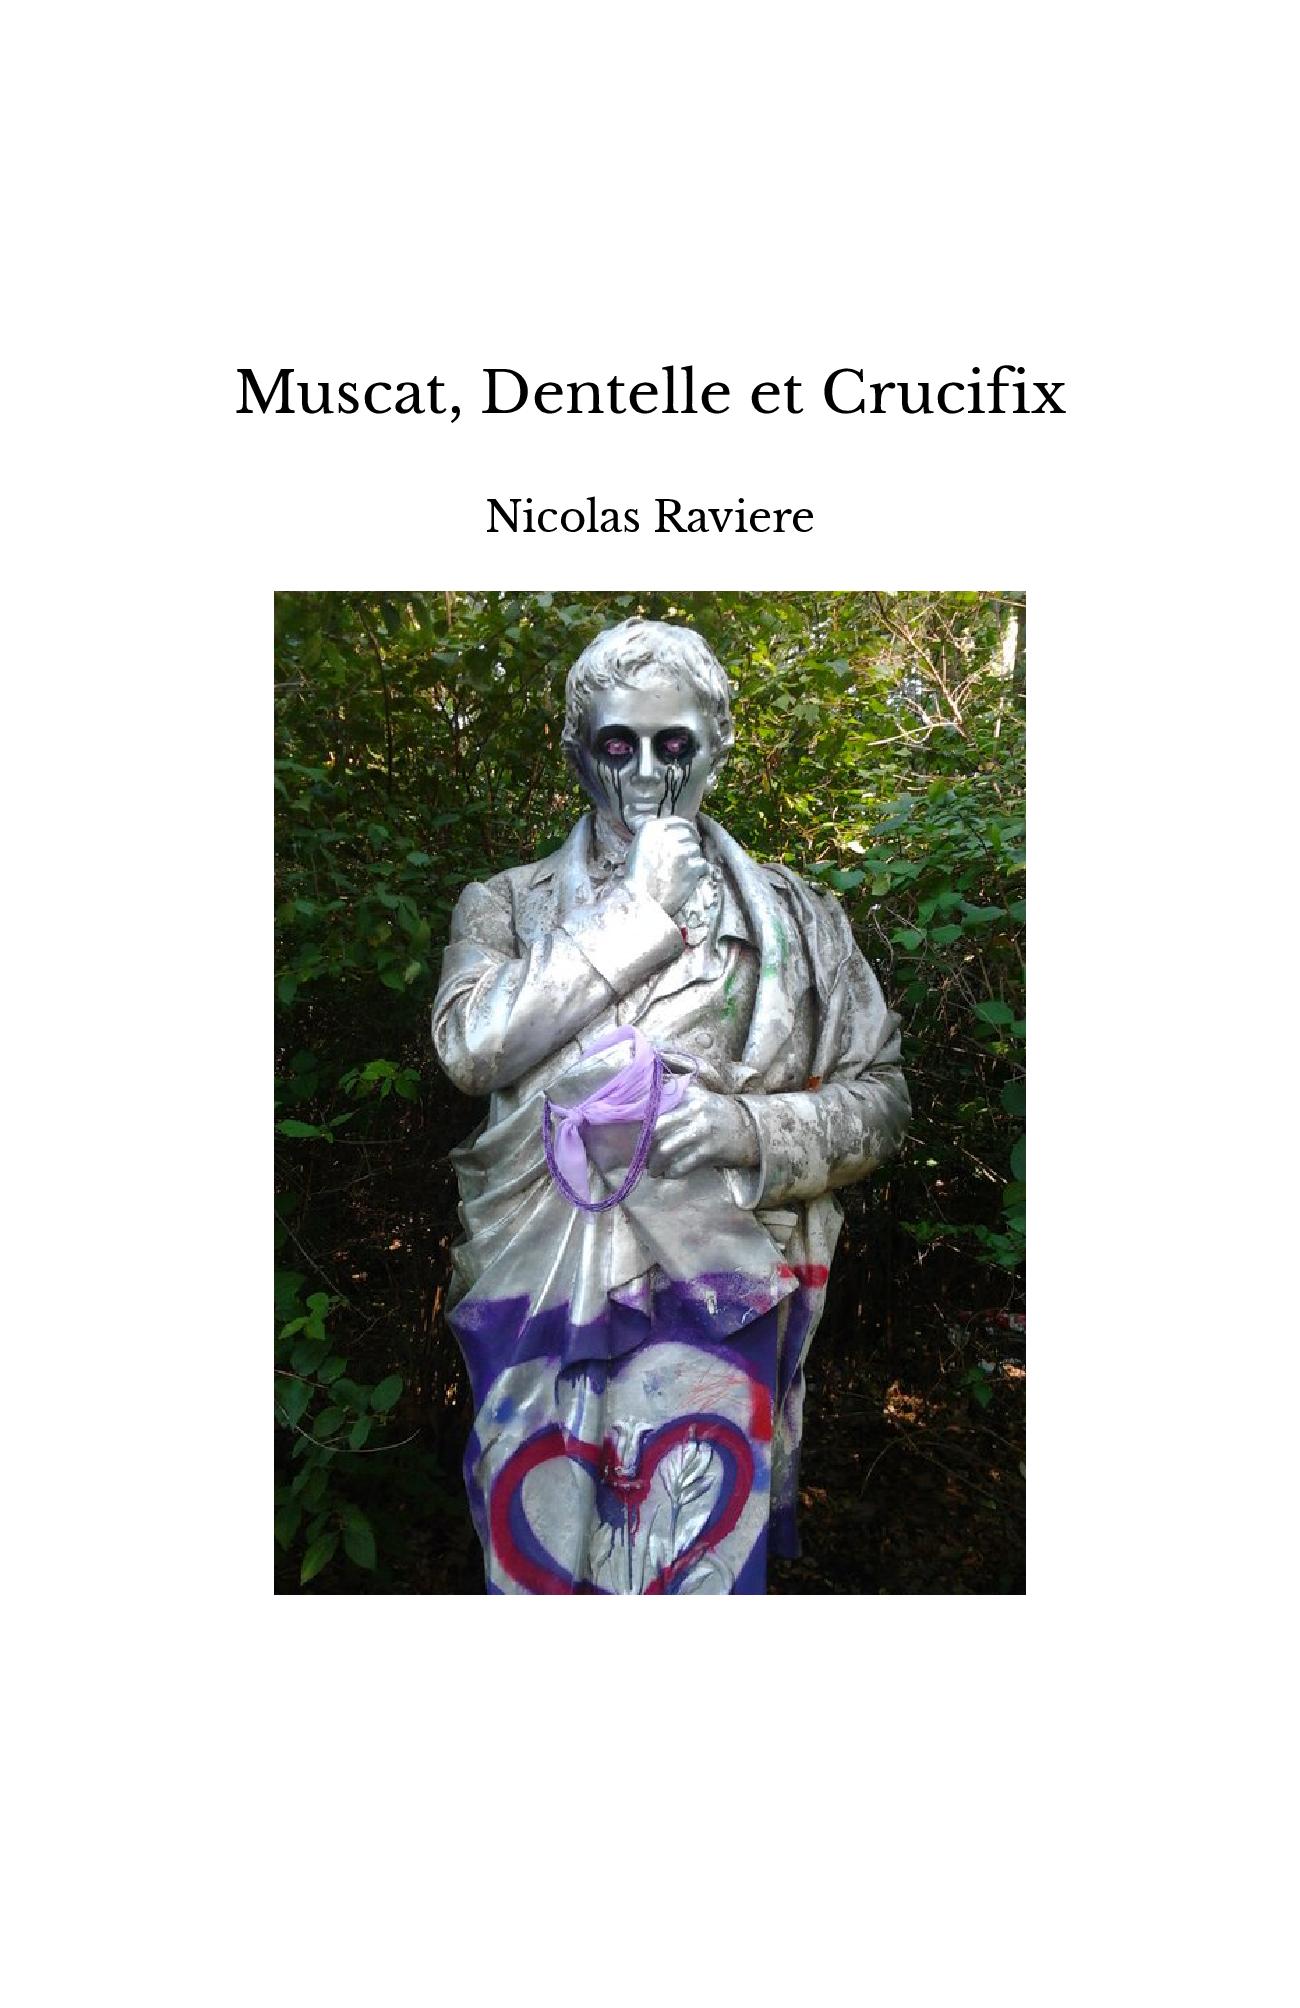 Muscat, Dentelle et Crucifix